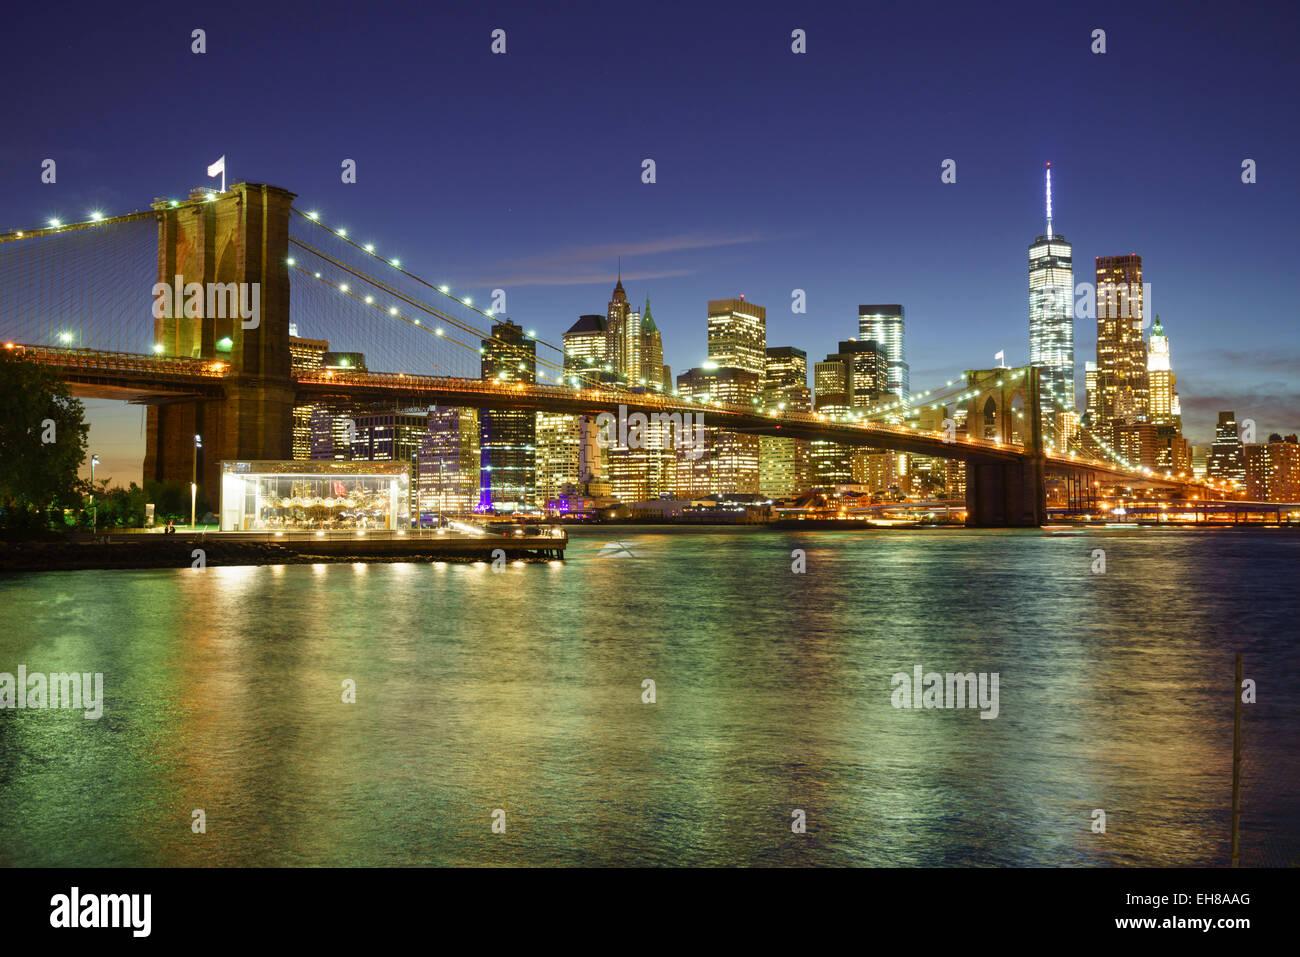 Brooklyn Bridge und Manhattan Skyline bei Nacht, New York City, New York, Vereinigte Staaten von Amerika, Nordamerika Stockbild